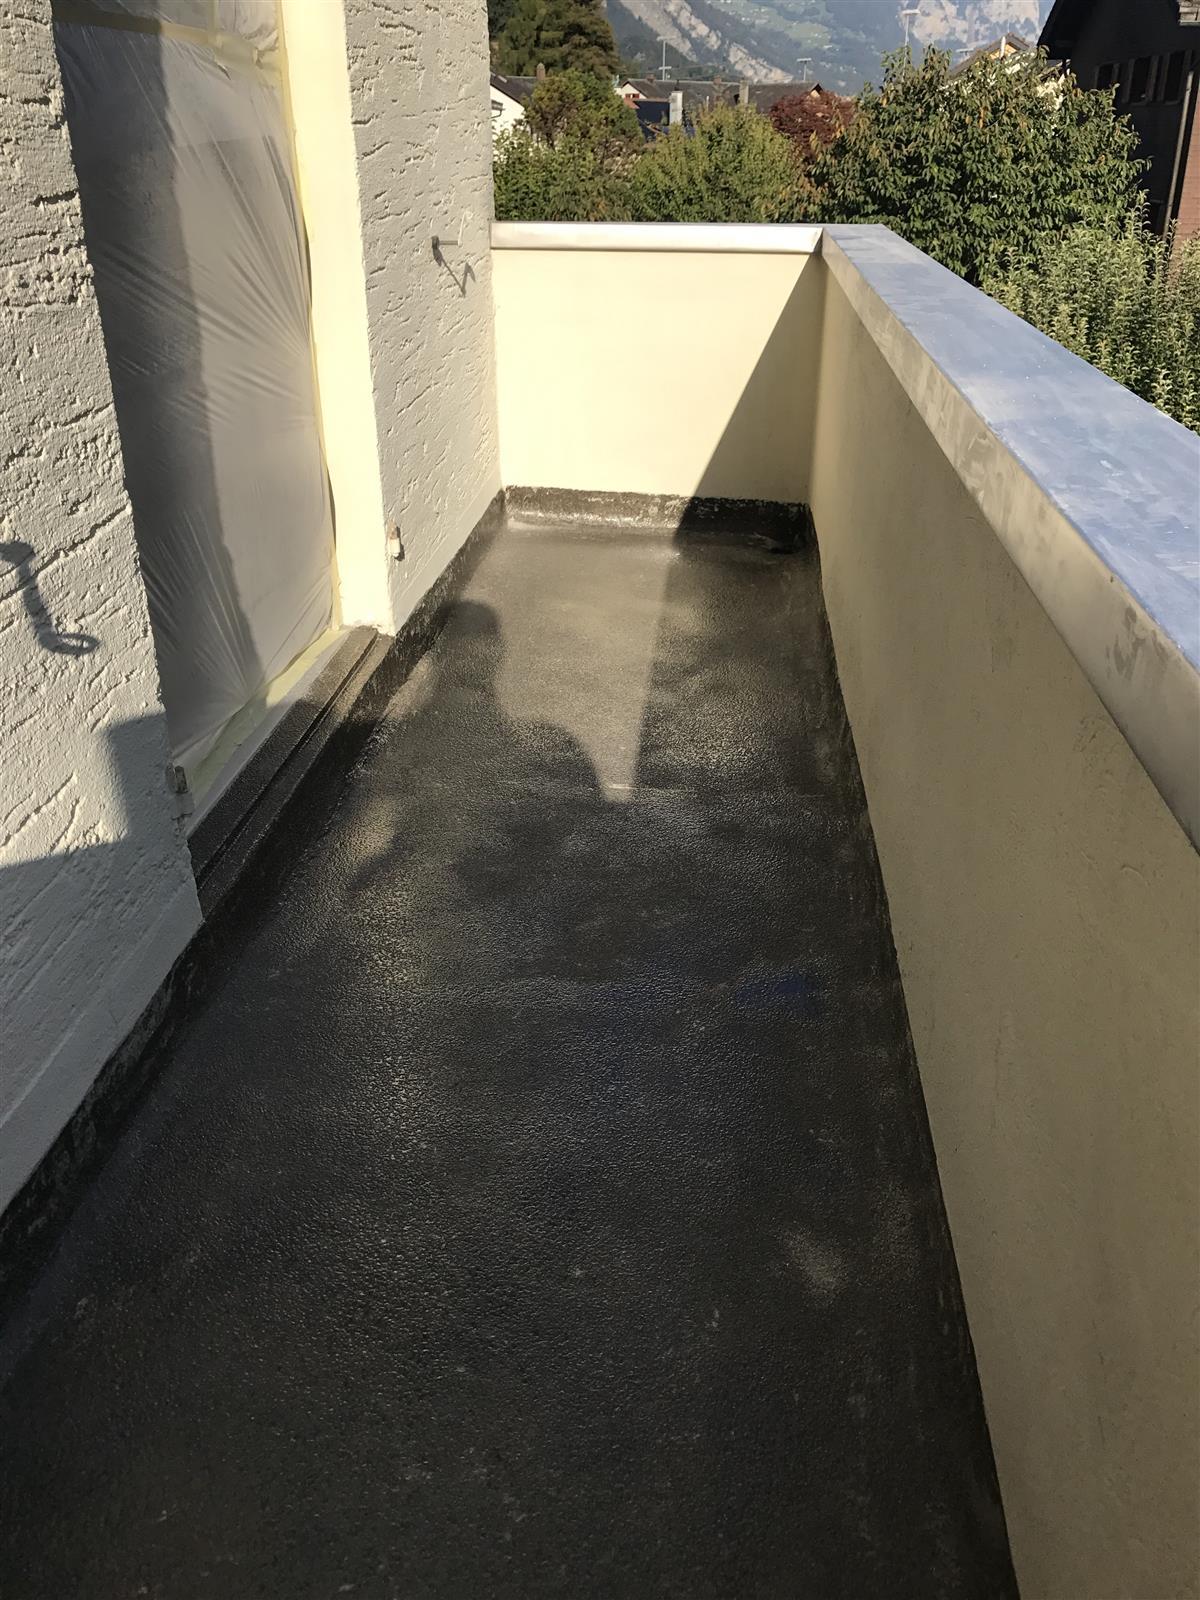 Sehr Balkon- & Eingansdachabdichtung aus Flüssigkunststoff - Ackermann GI56